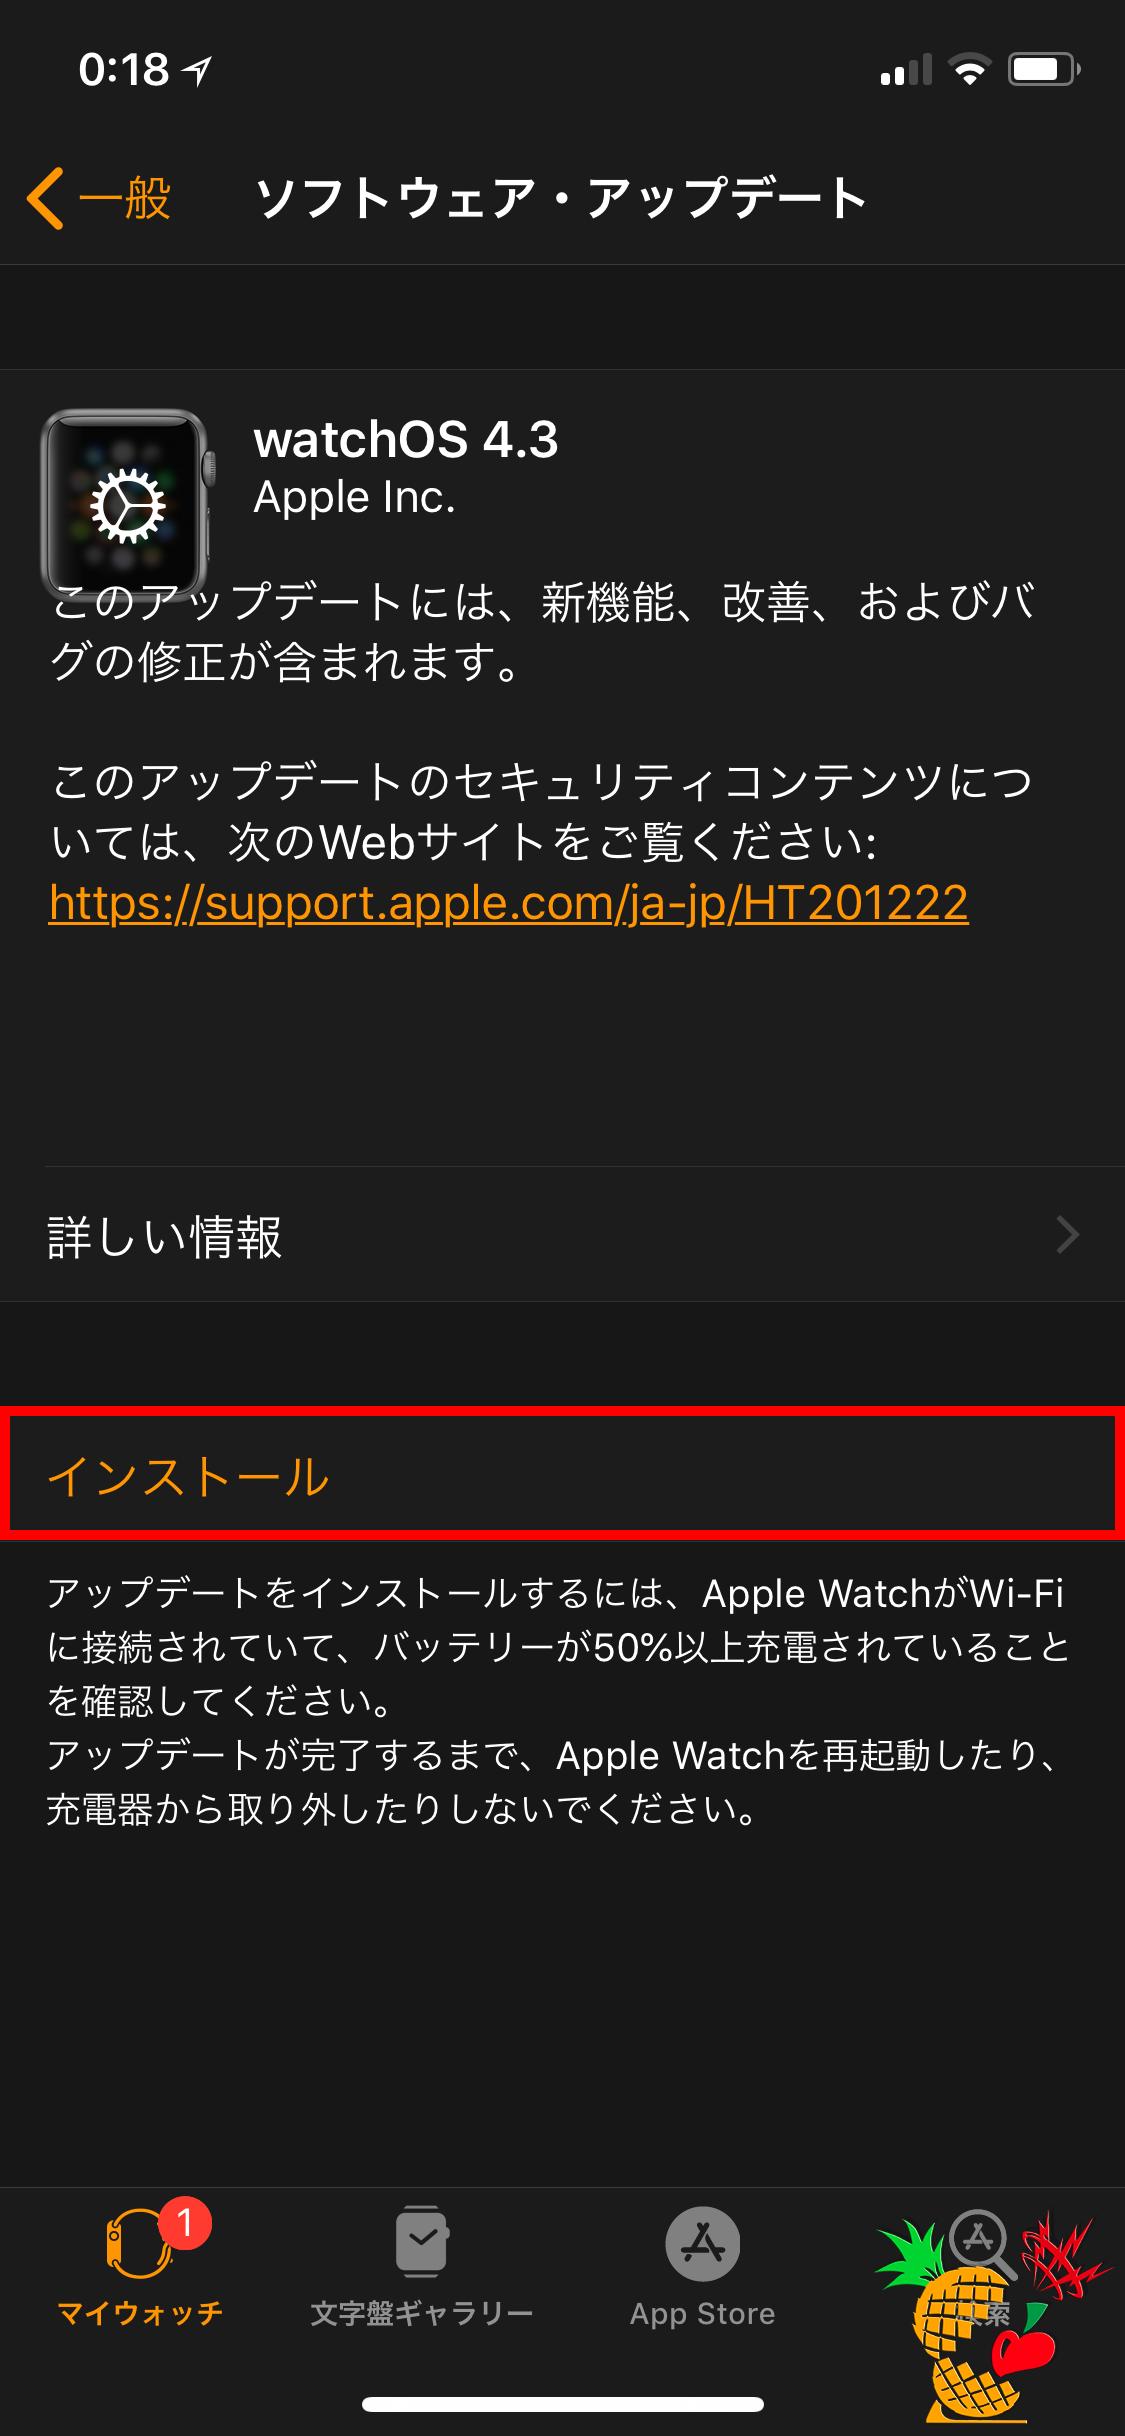 watchOS 4.3